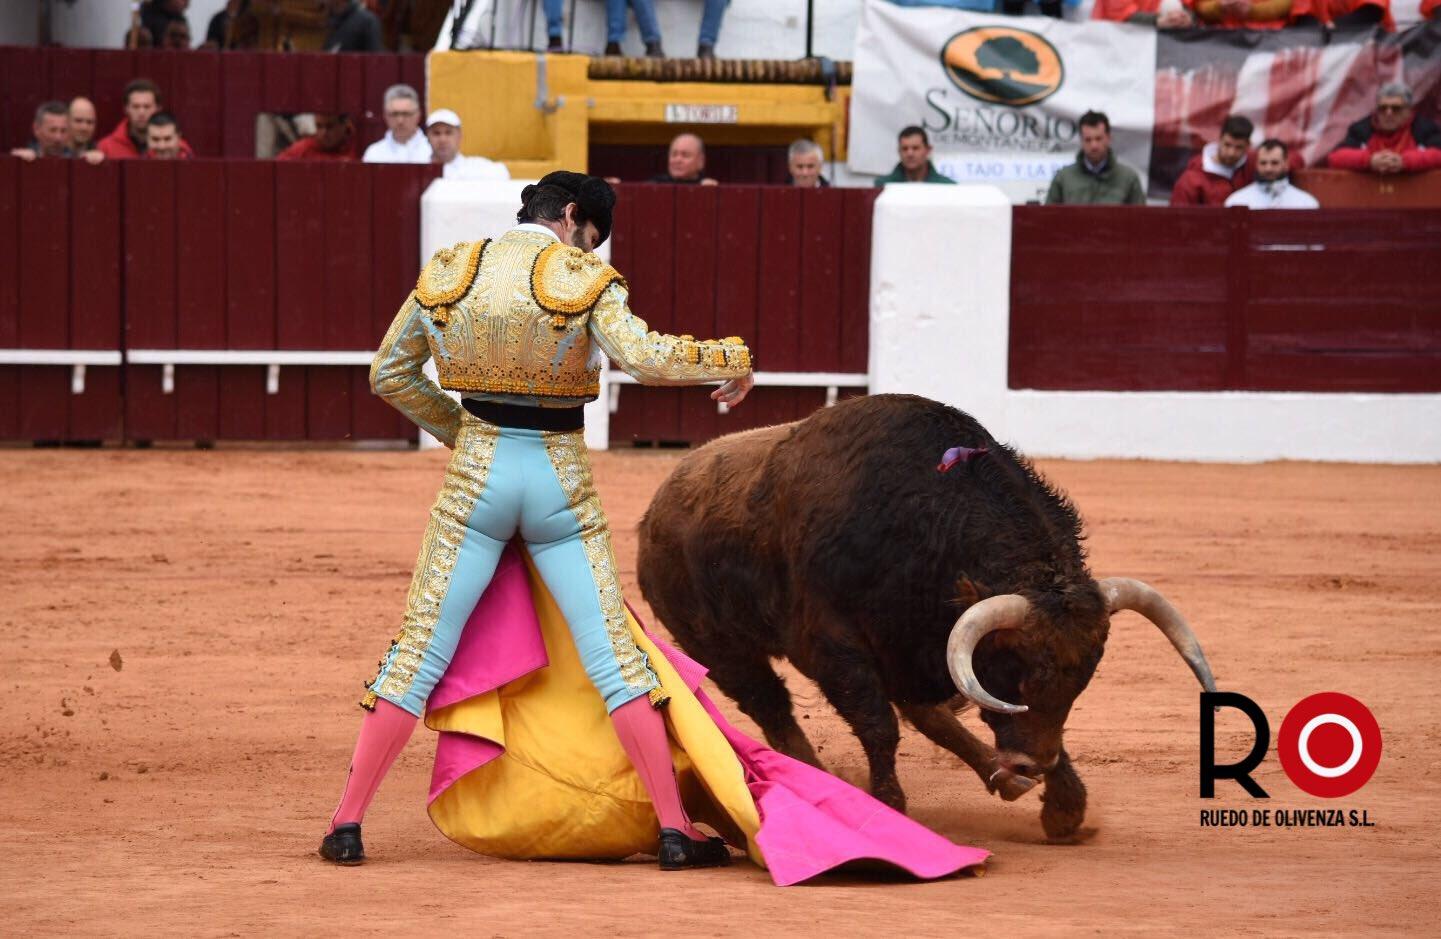 OLIVENZA – Corrida Matinale, triomphe de Padilla, blessure pour Luis David Adame (photo Ruedo de Olivenza)